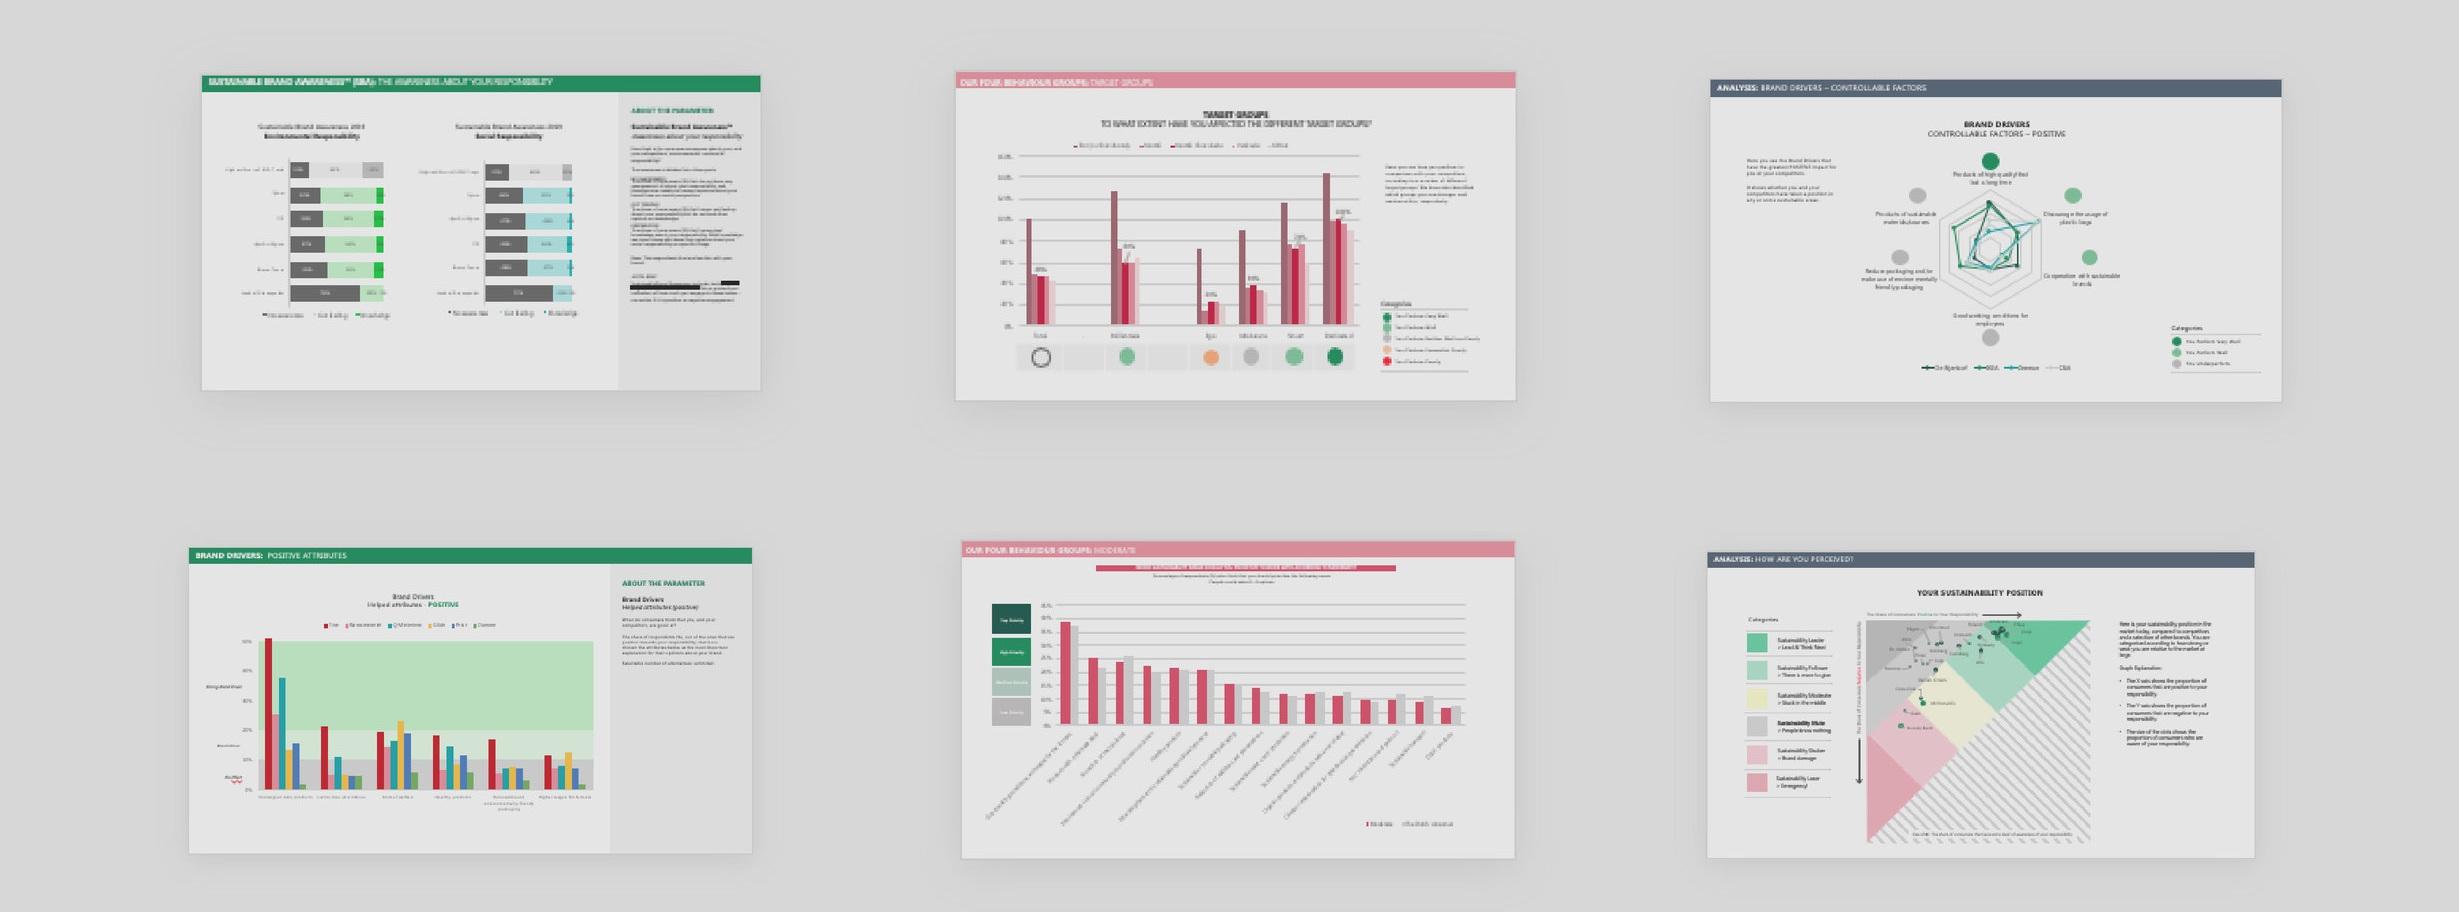 StrategyReport-Impression1.jpg